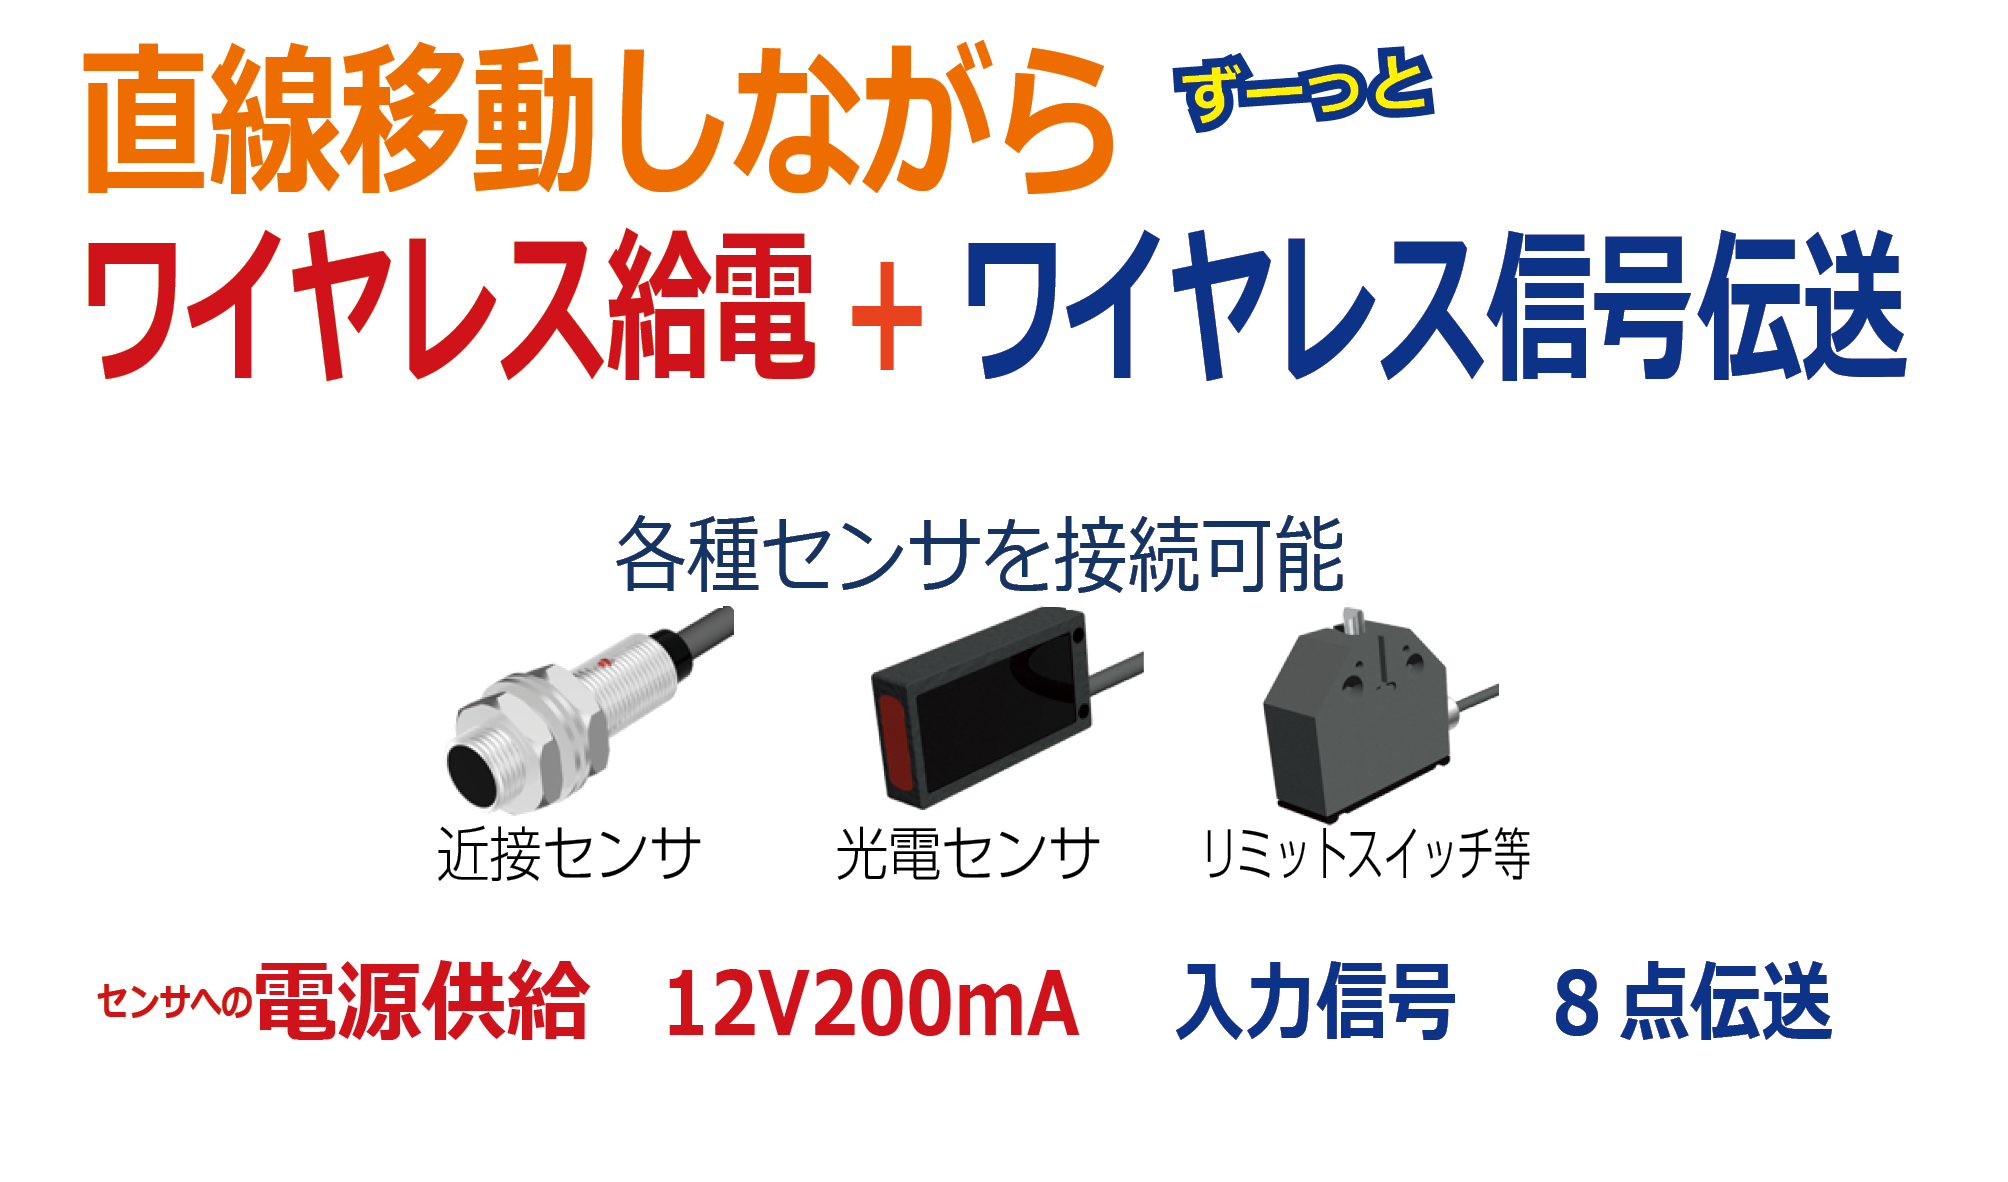 リニアリモートセンサは設備を小型化・高速化し、断線解消します!